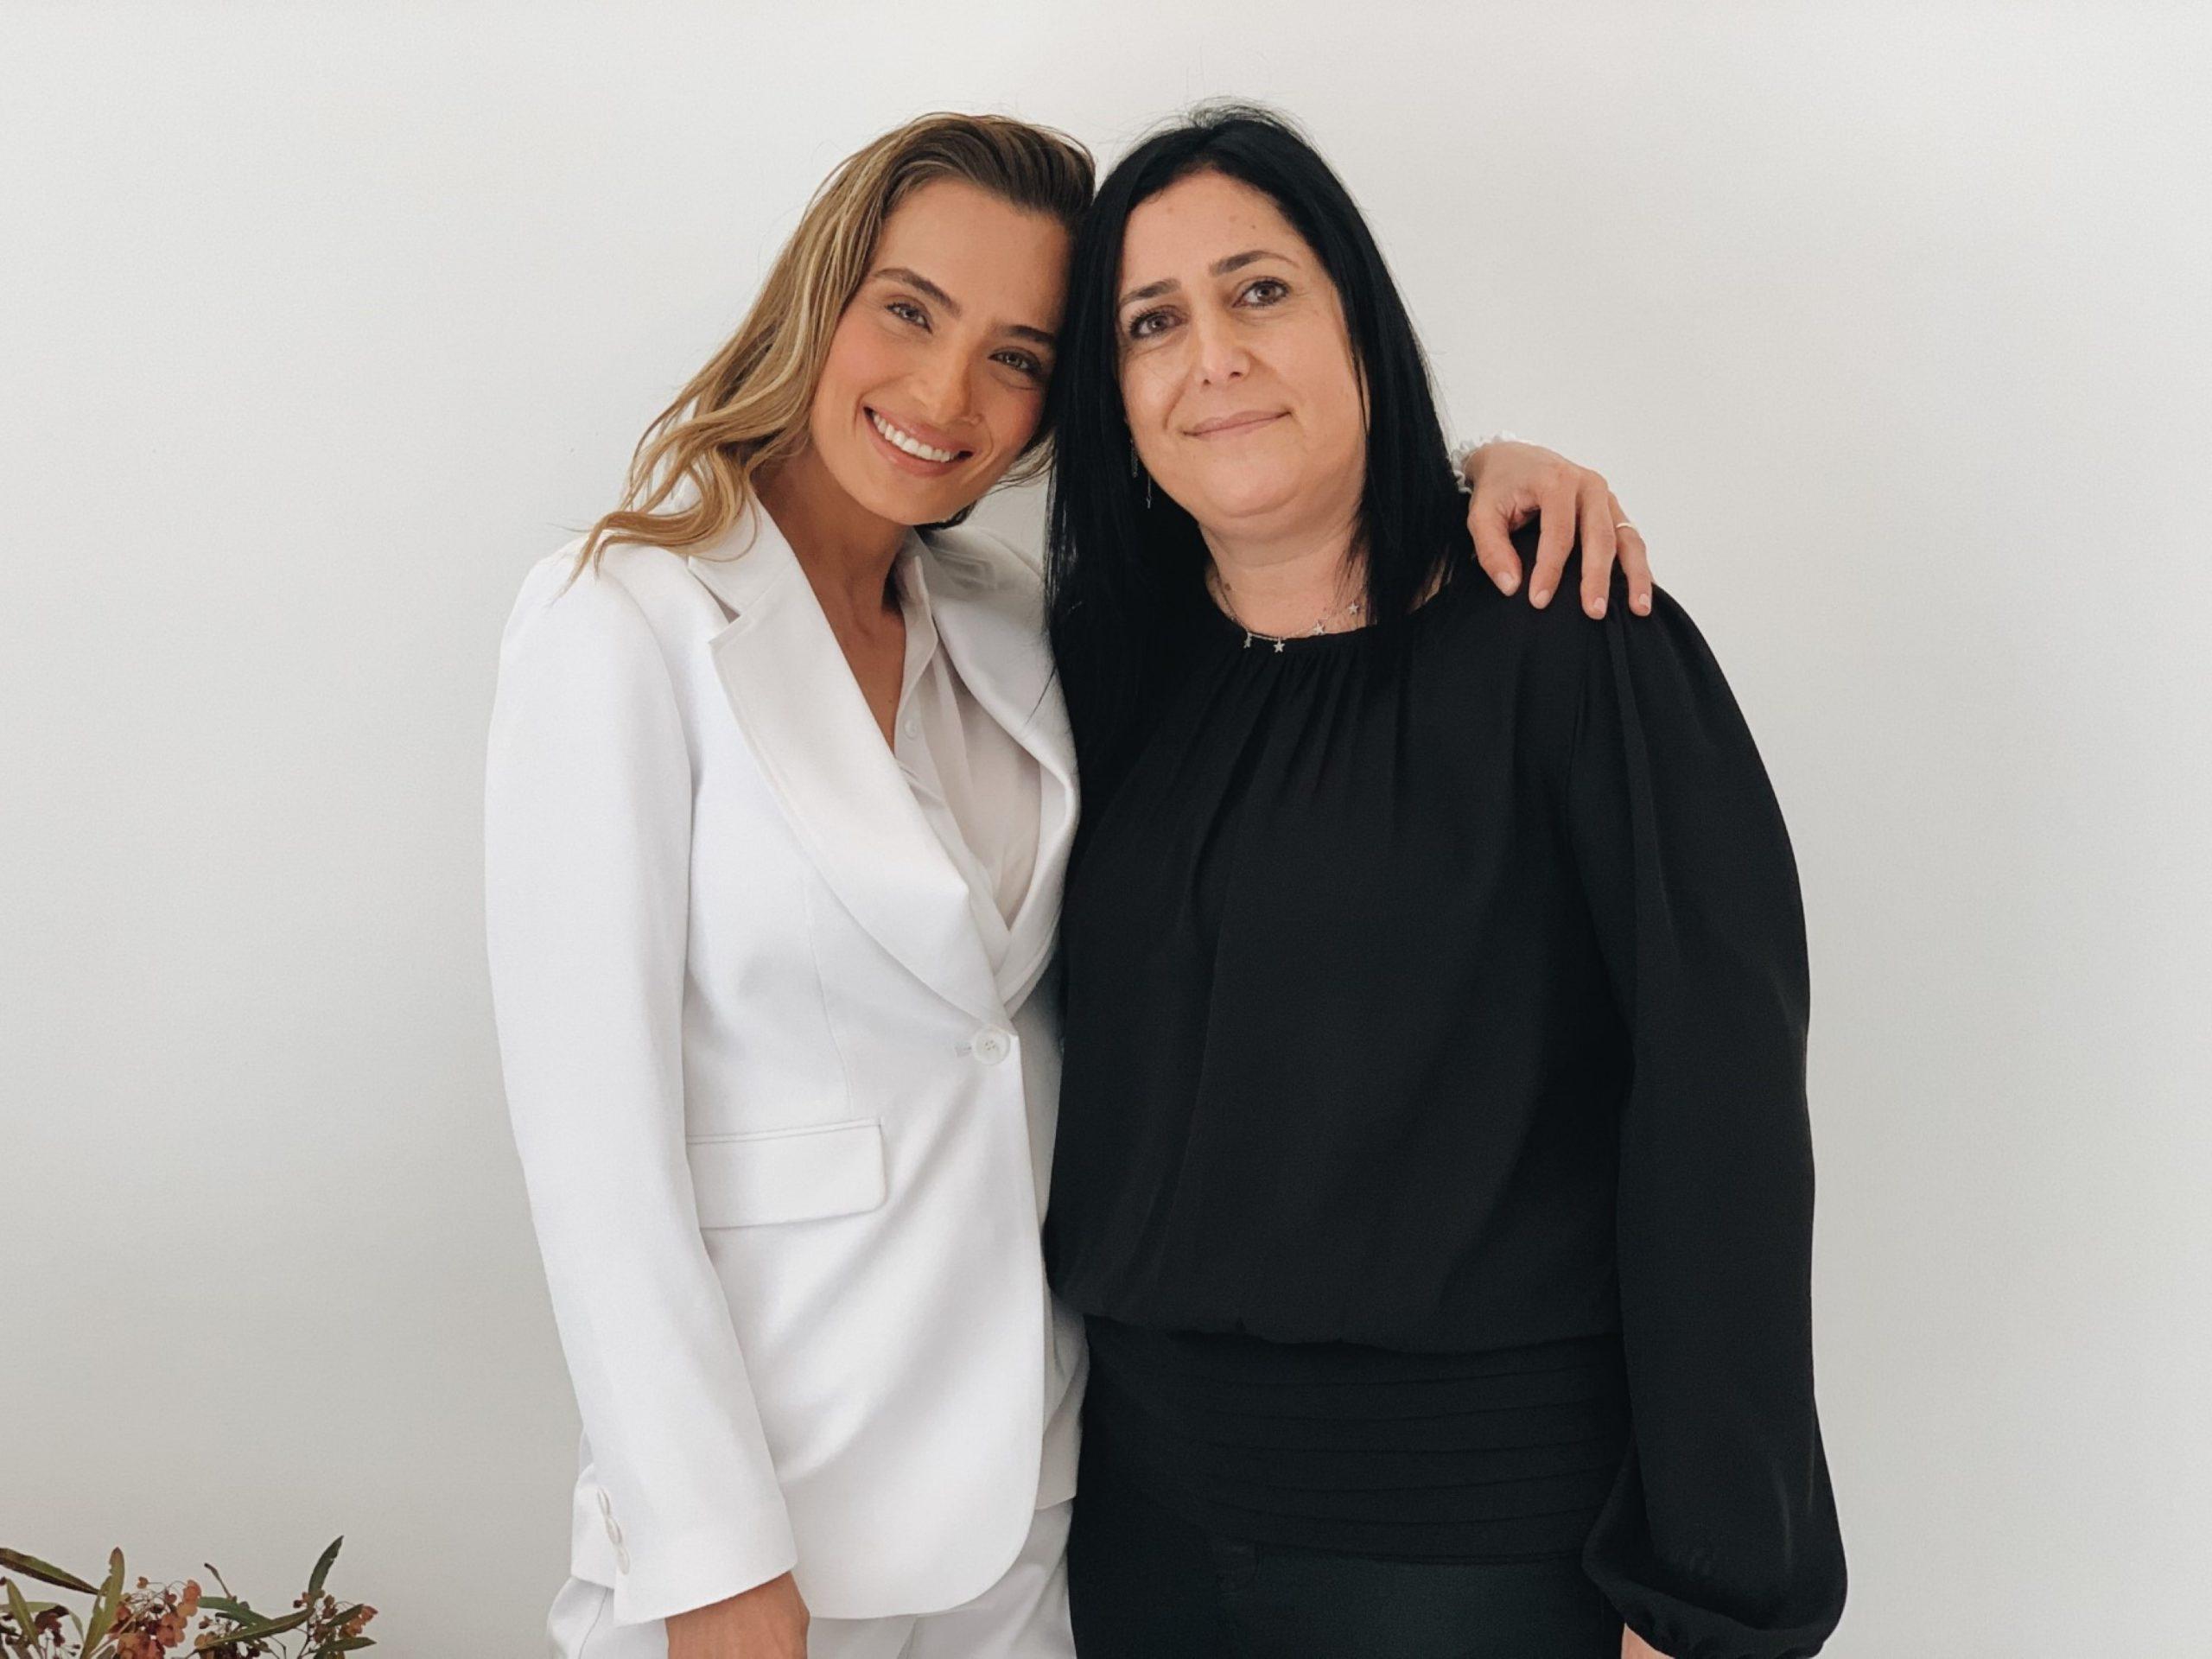 אילנית לוי וגולברי בקמפיין